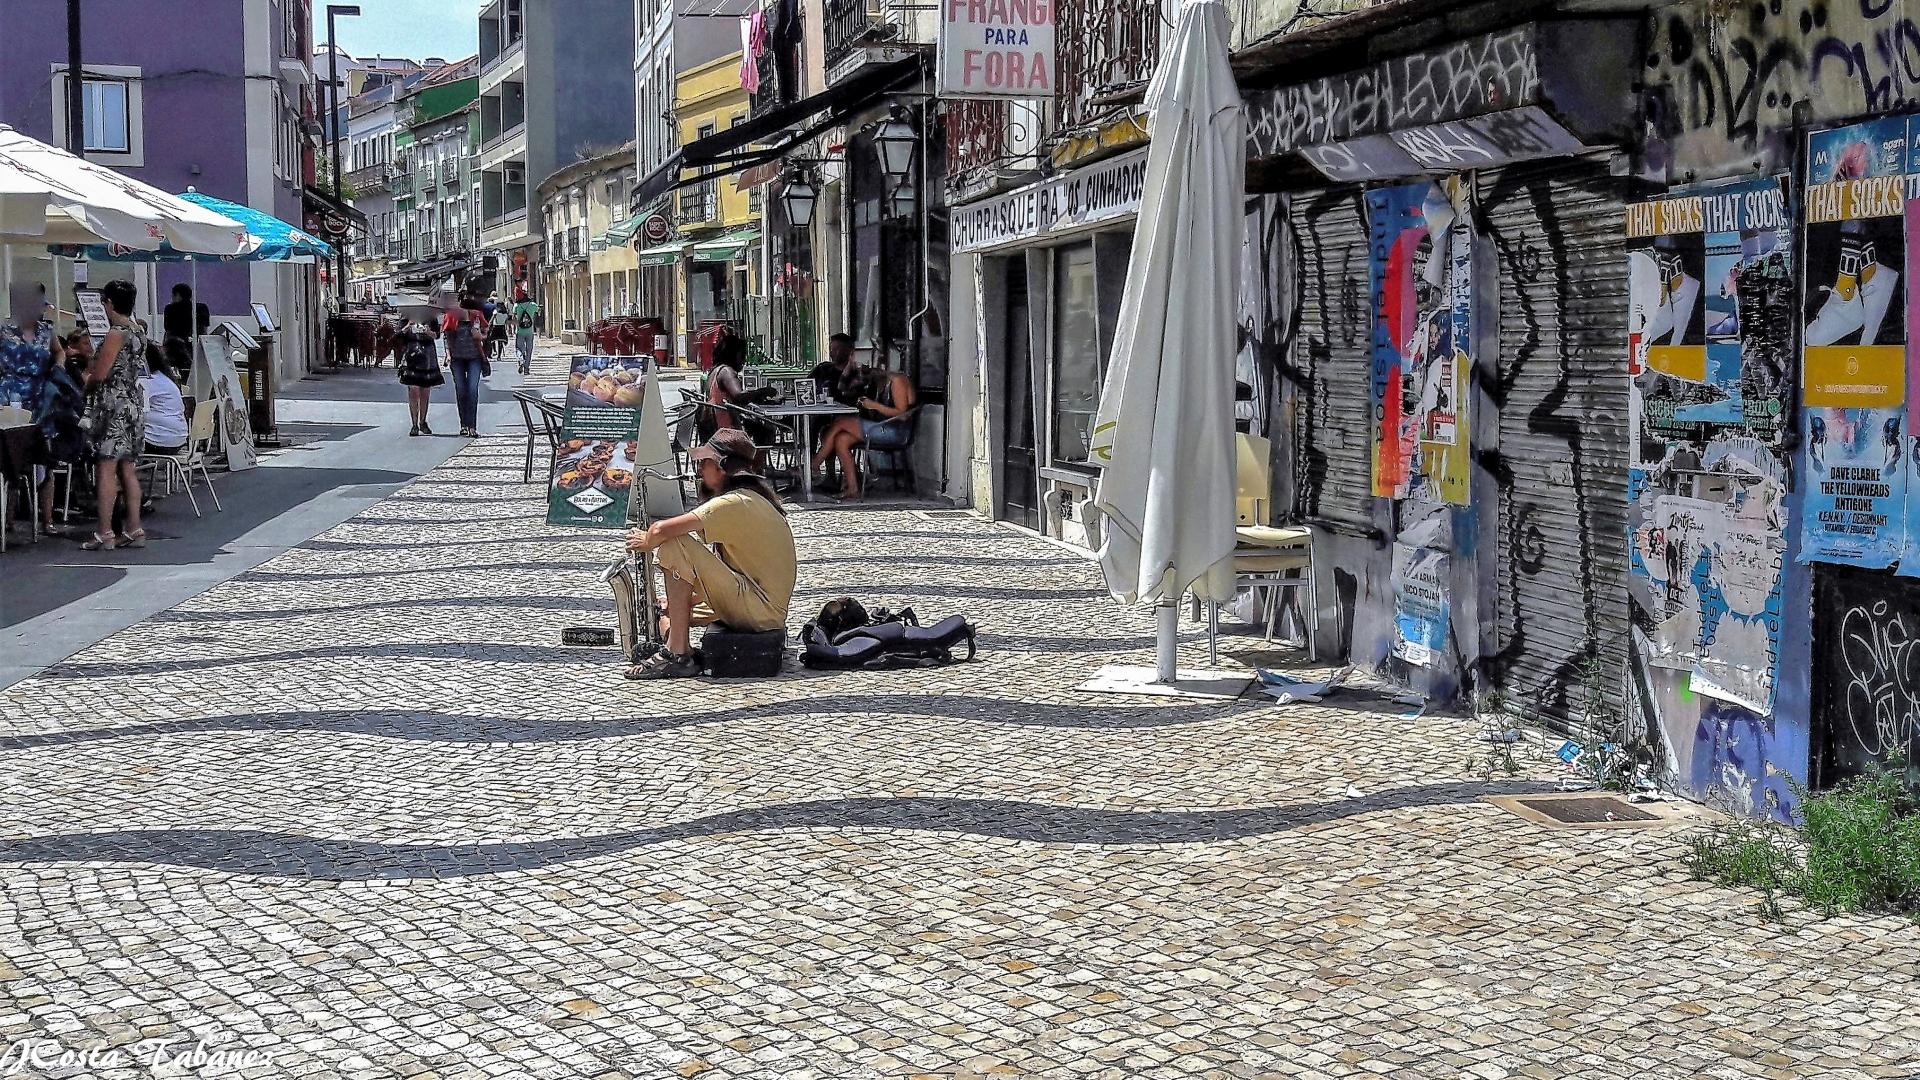 Fotografia de Rua/O músico